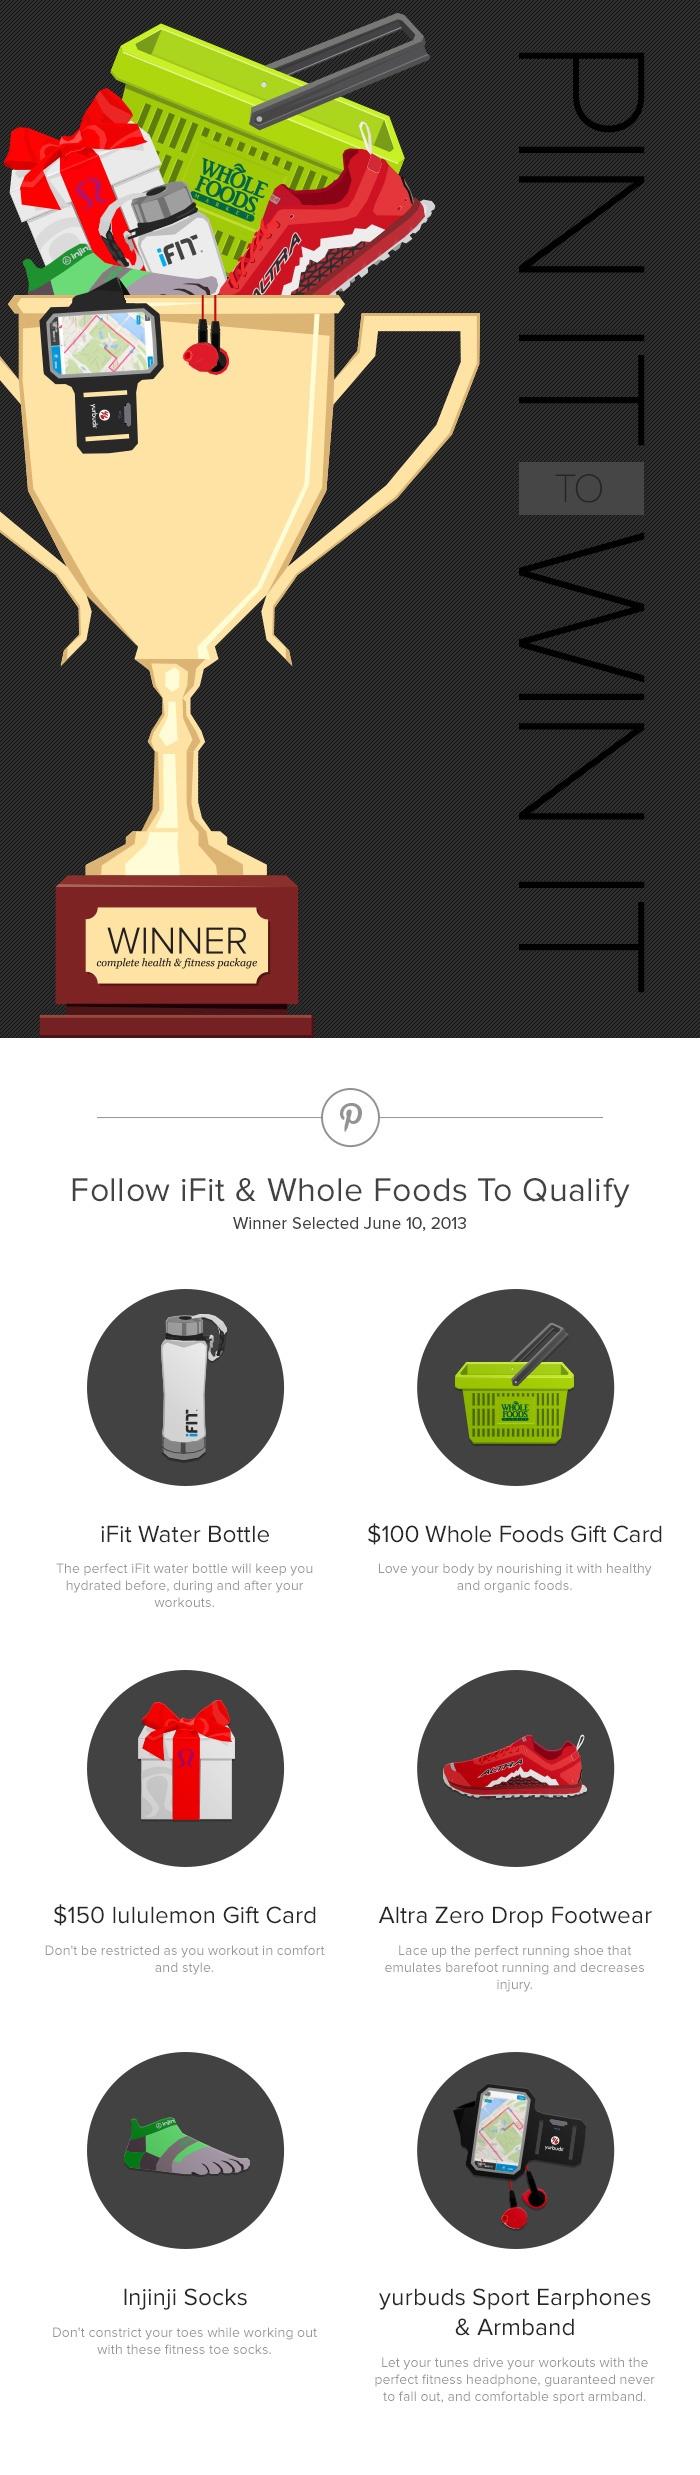 #PinItToWinIt iFit Water bottle, $100 Whole Foods, $150 lululemon, yurbuds headphone + armband, injinji socks, and altra shoes. http://blog.ifit.com/pinittowinit/